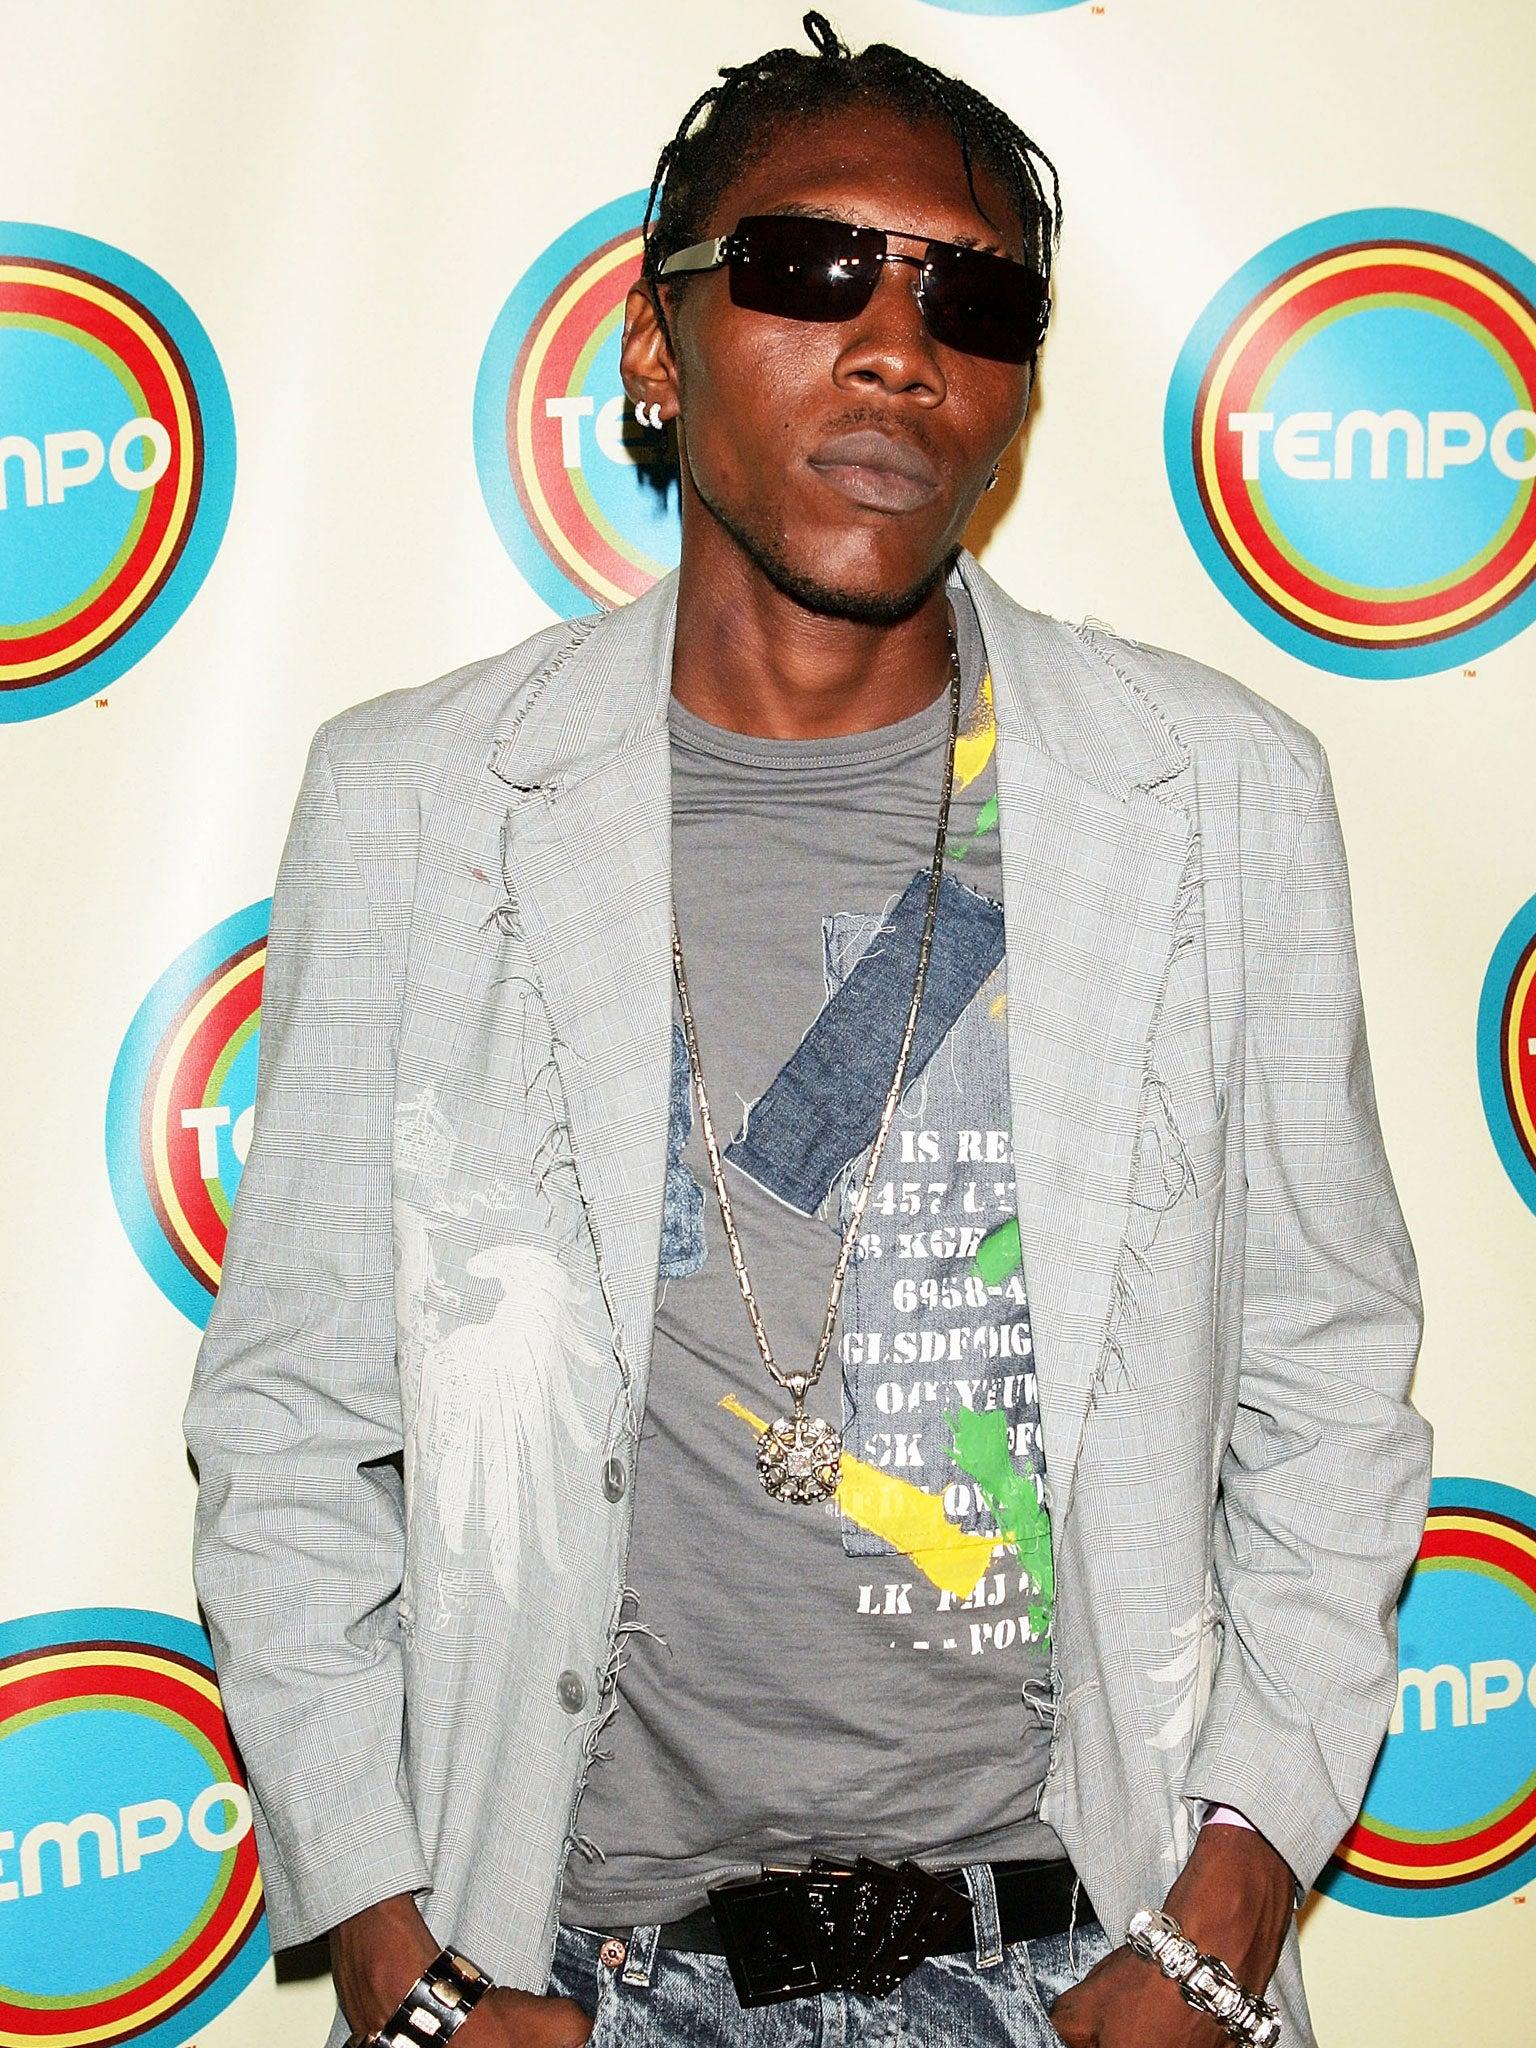 Vybz Kartel: Jamaican dancehall star found guilty of murder